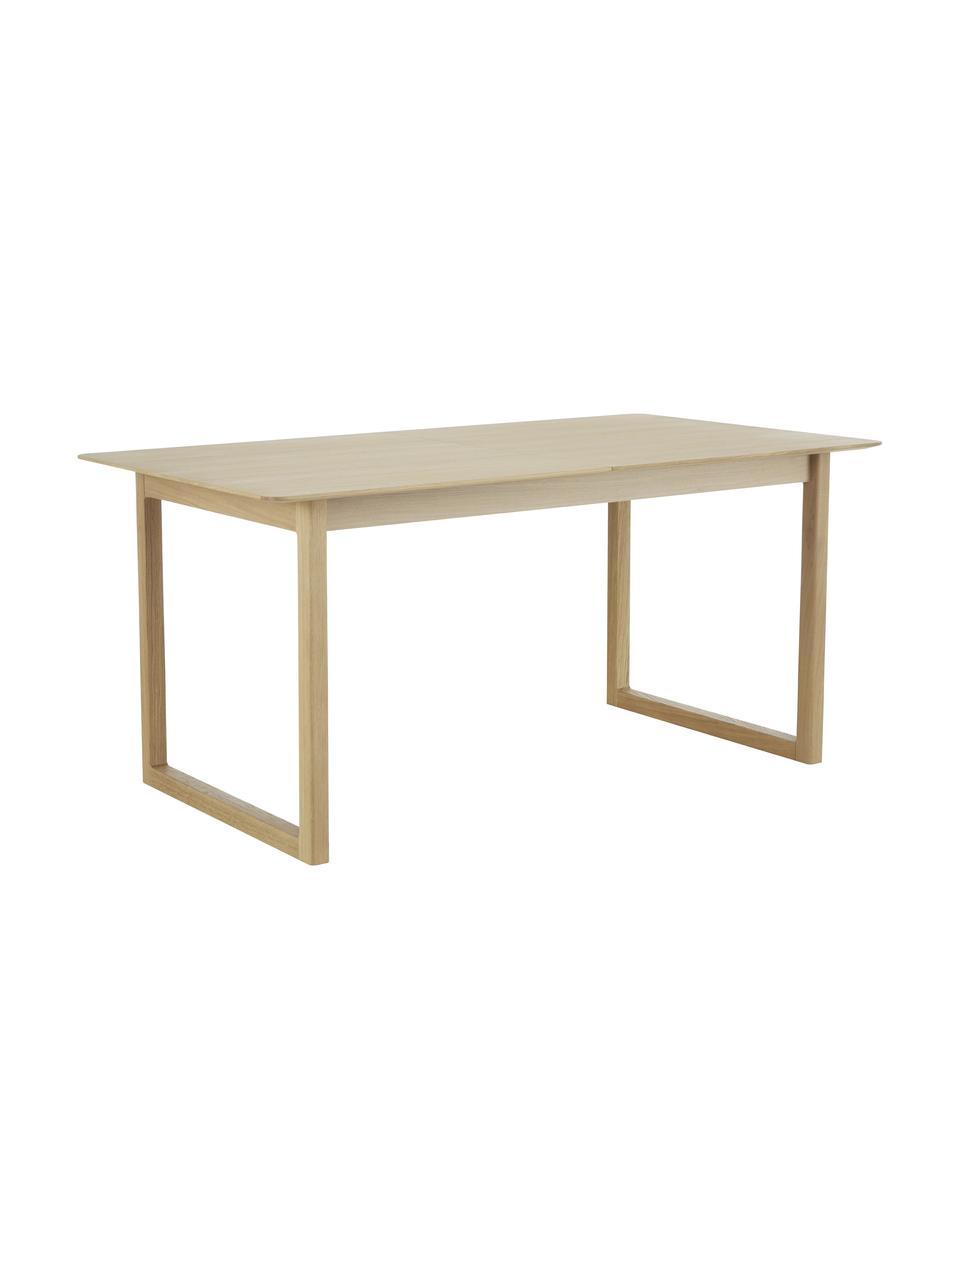 Ausziehbarer Esstisch Calla mit Eichenholzfurnier, Tischplatte: Mitteldichte Holzfaserpla, Beine: Massives Eichenholz, Helles Holz, B 160 x T 90 cm